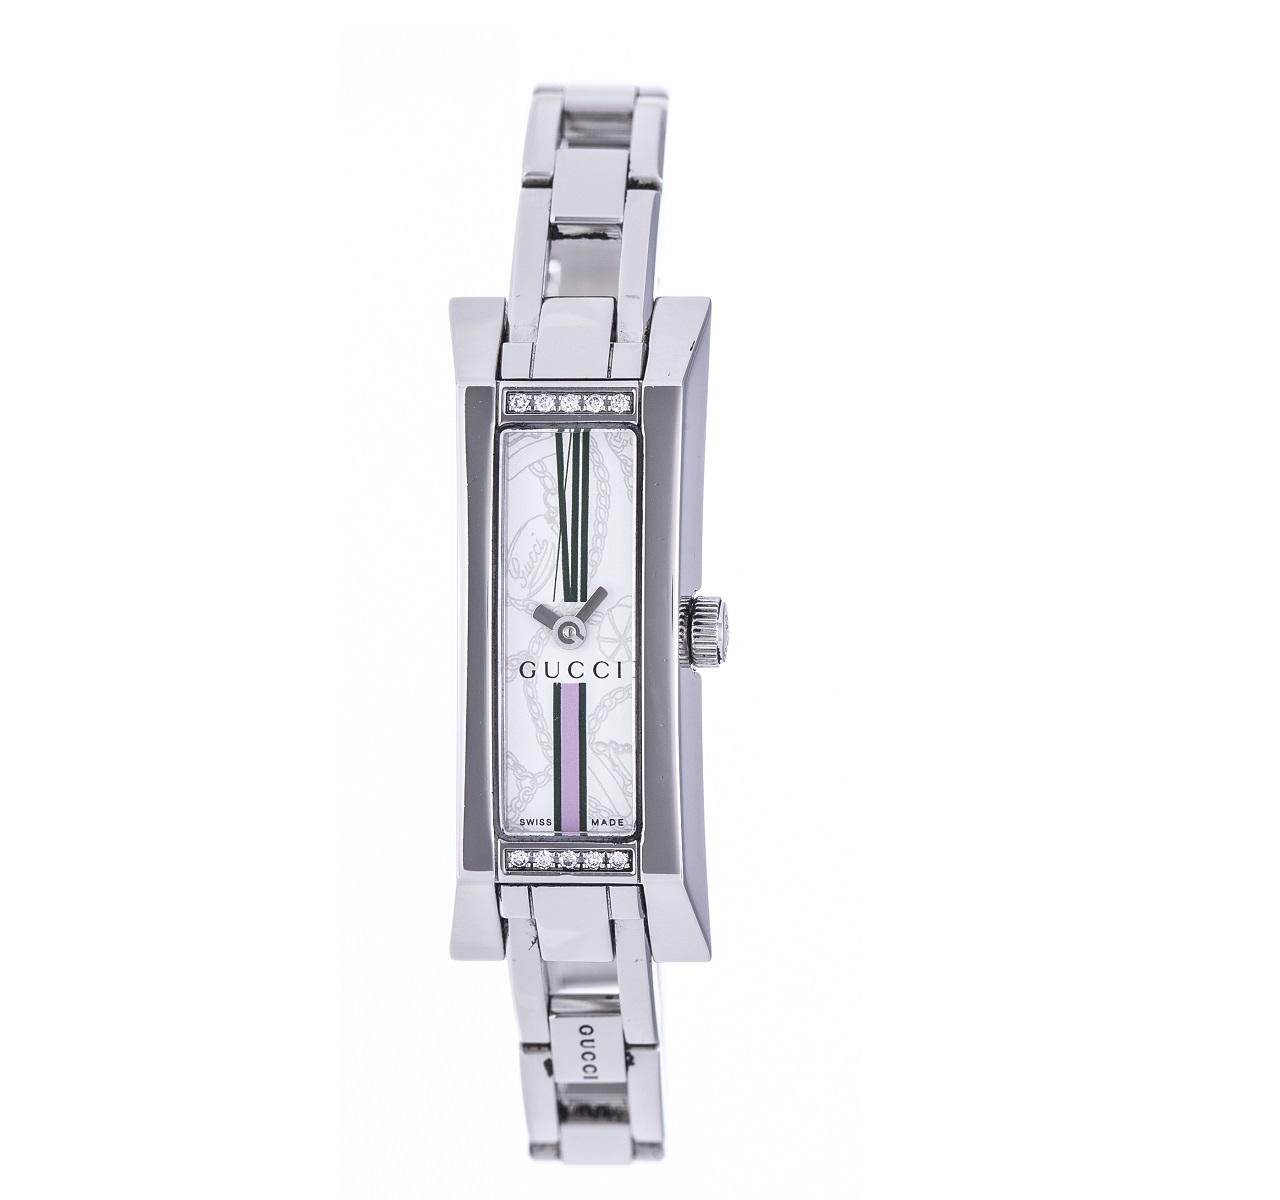 GUCCI グッチ YA110506 レディース 腕時計 Qz クォーツ 10Pダイヤ SS ステンレス 送料無料【トレジャースポット】【中古】